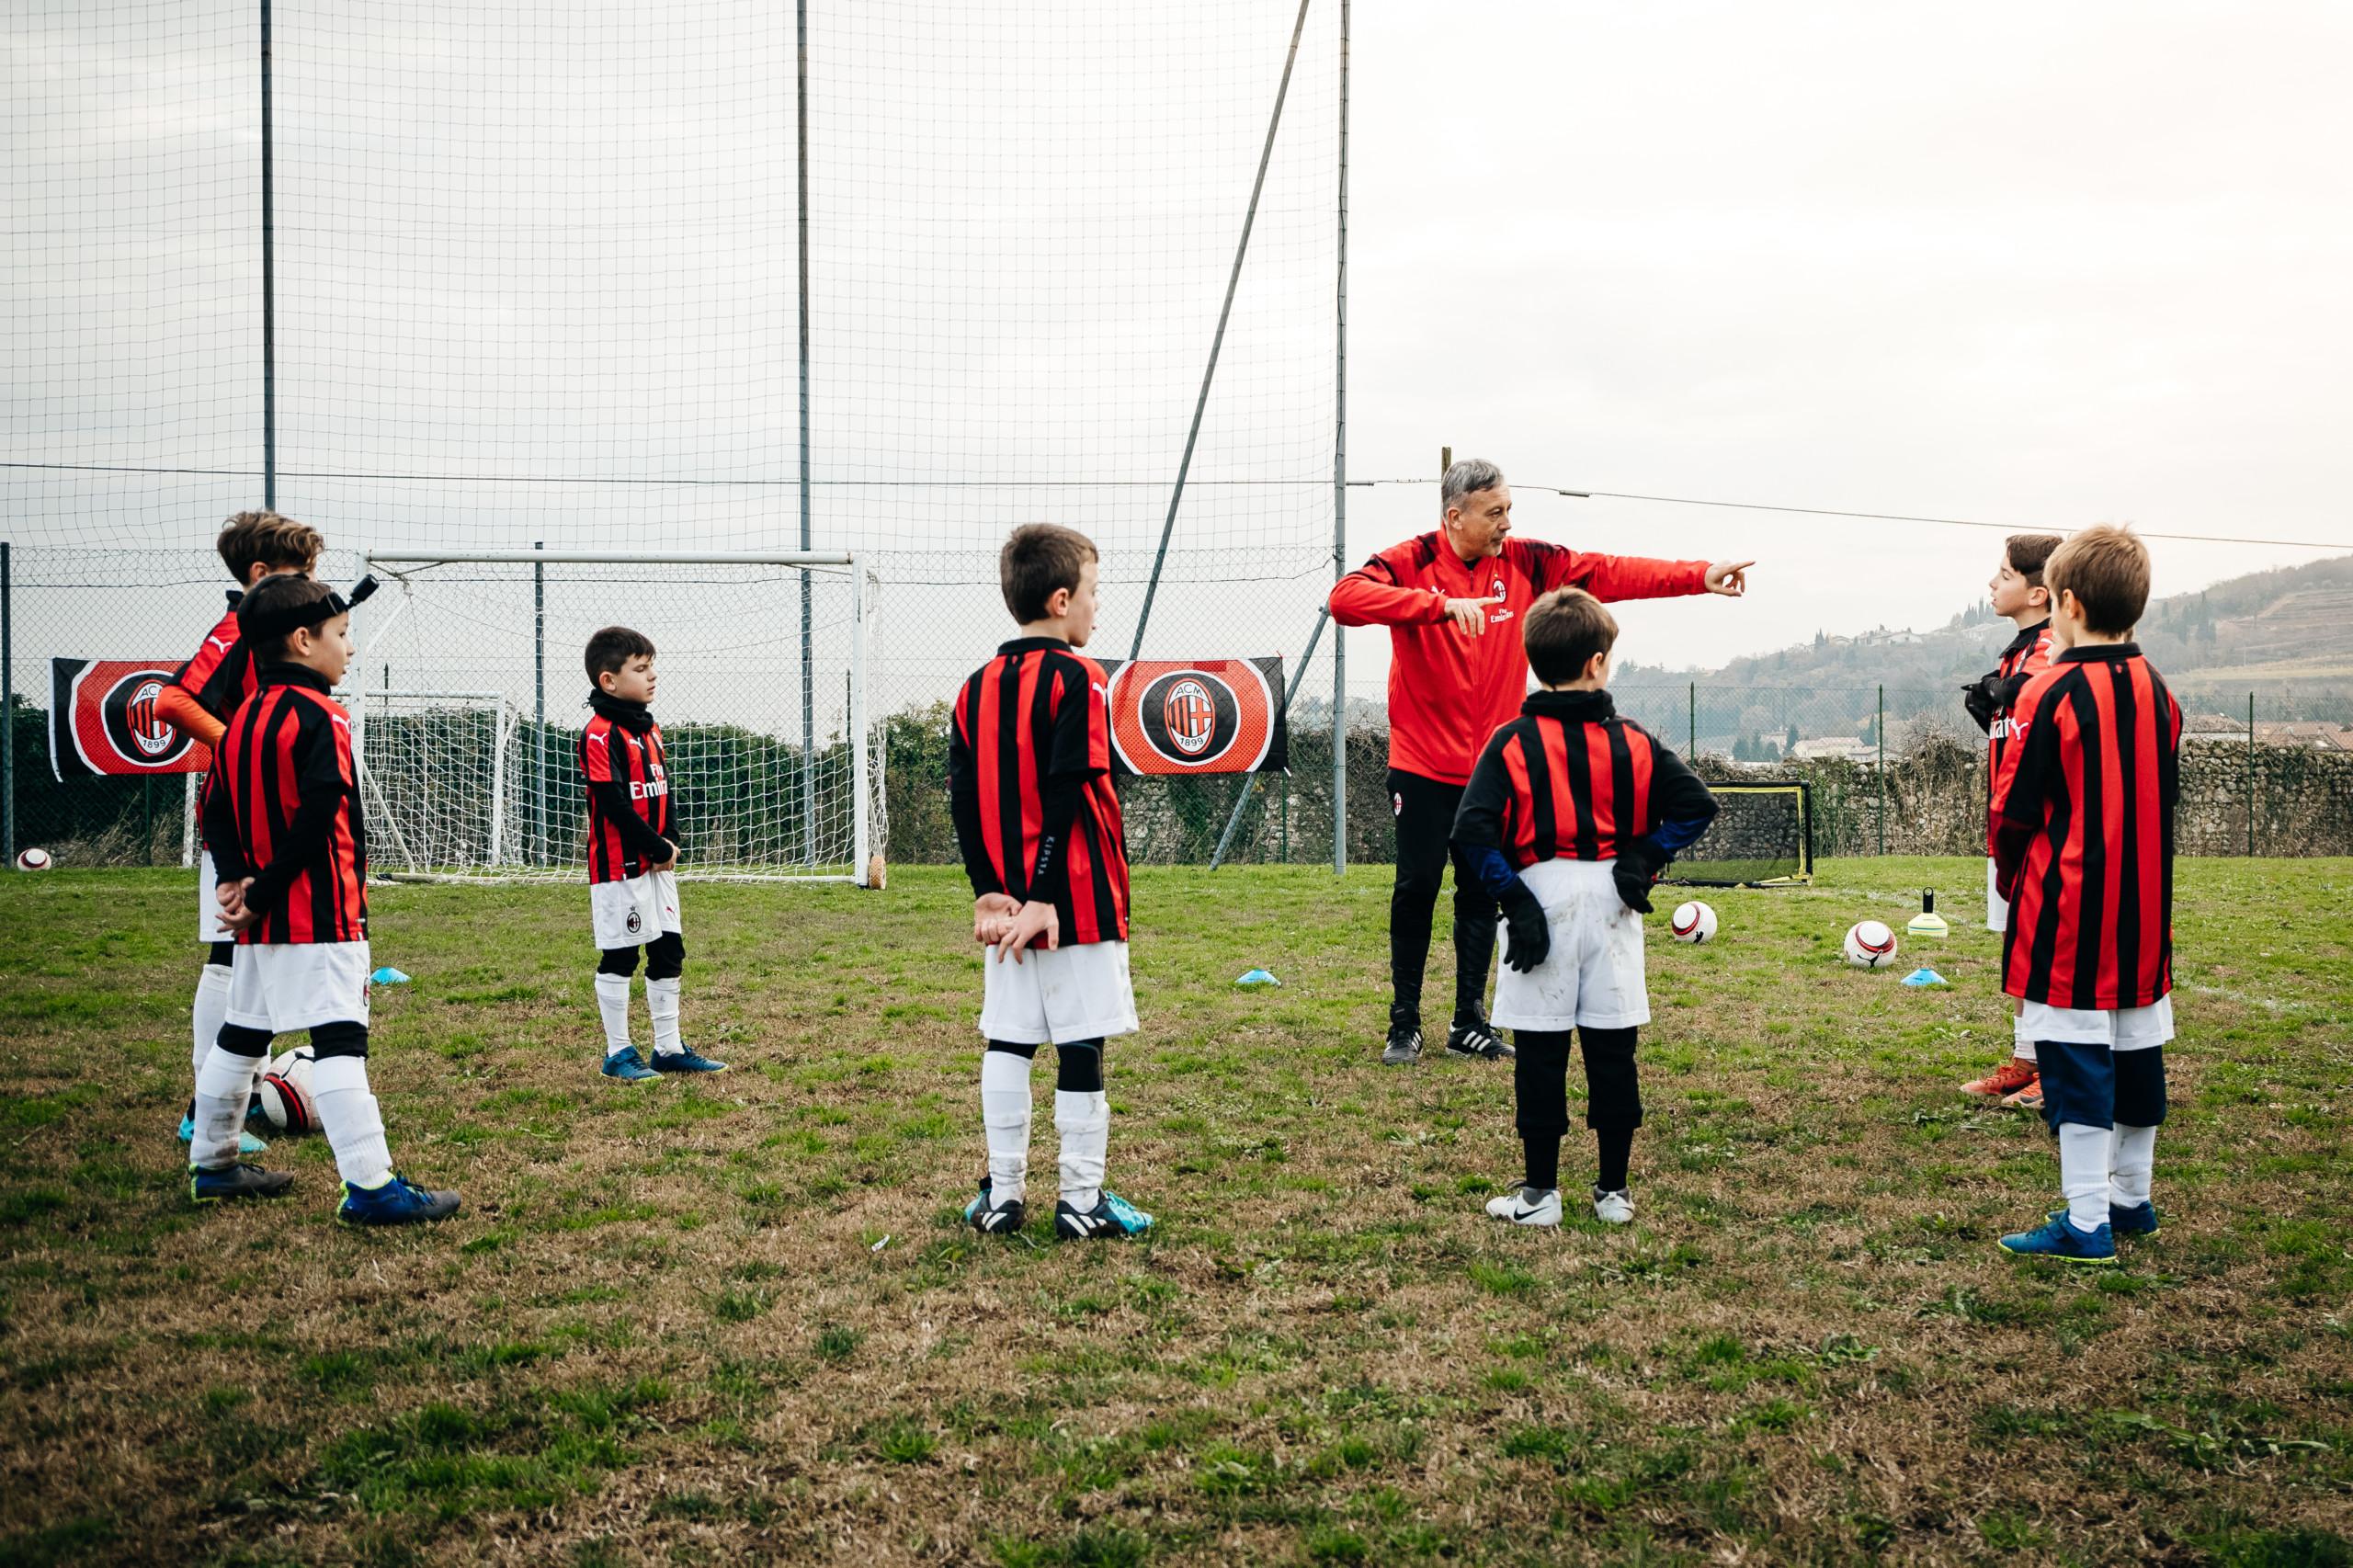 Il Comune di Salorno parla del nostro Milan Camp